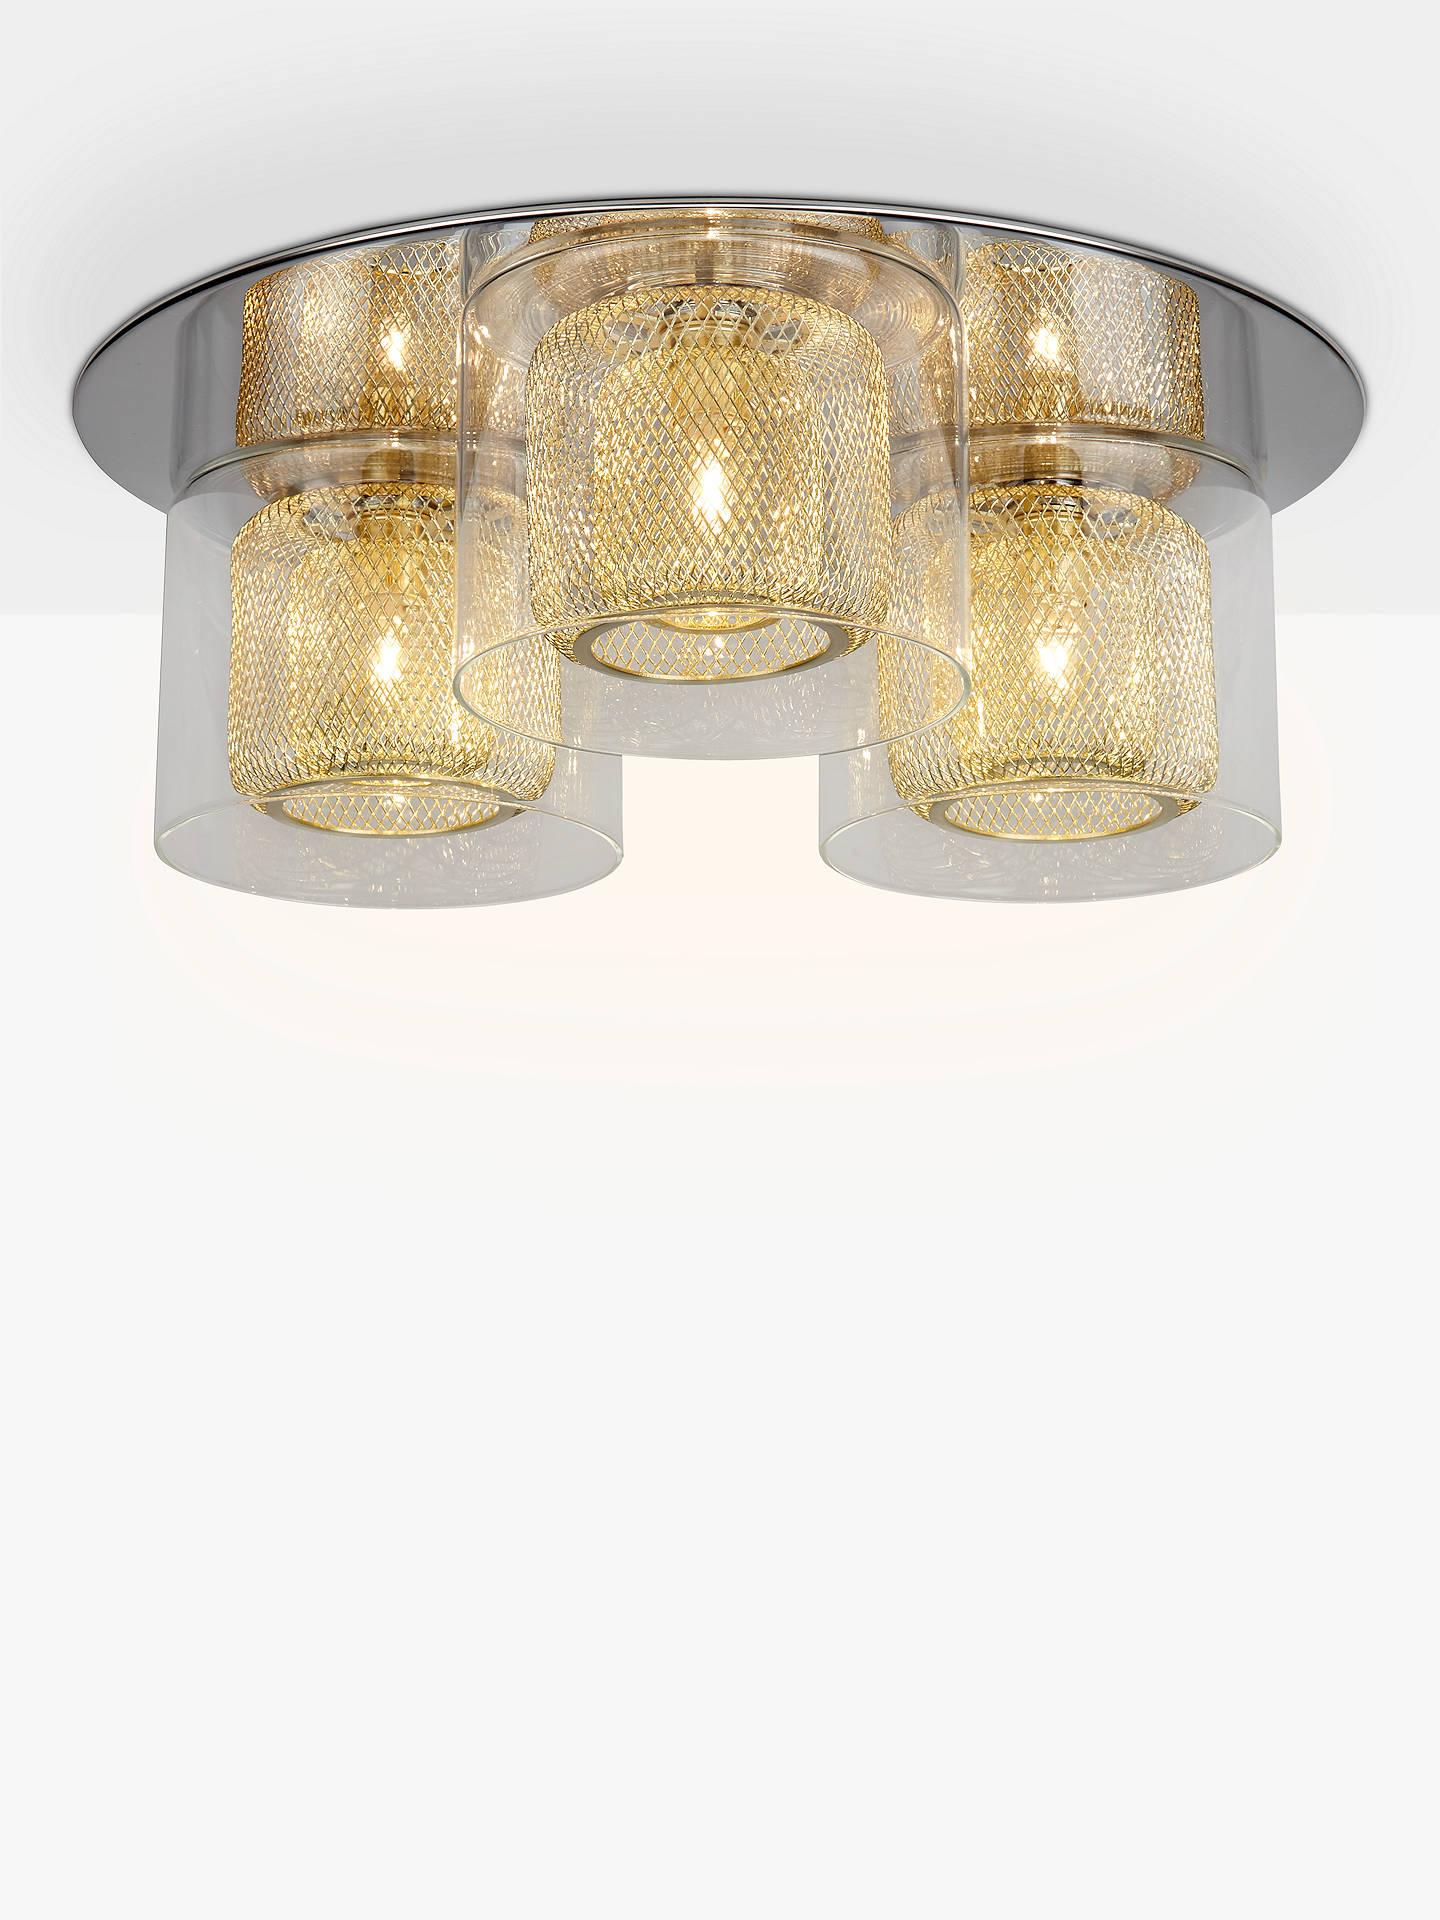 Buy john lewis partners kyla semi flush 3 light ceiling fitting brass online at